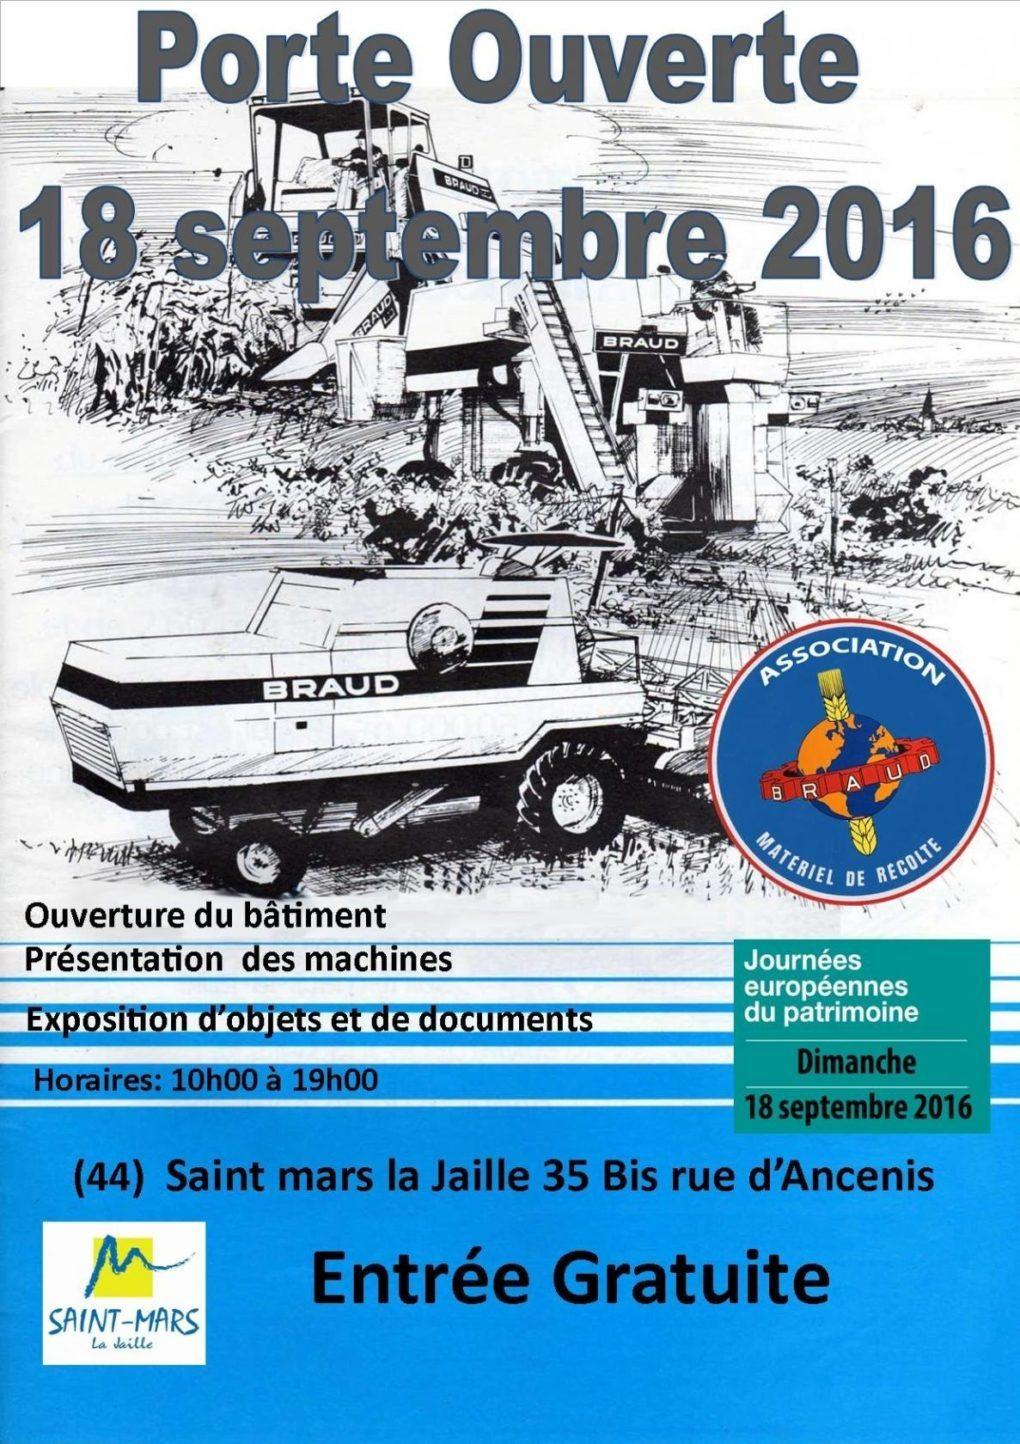 Porte ouverte de l'association braud materiel de recolte Saint-Mars-la-Jaille